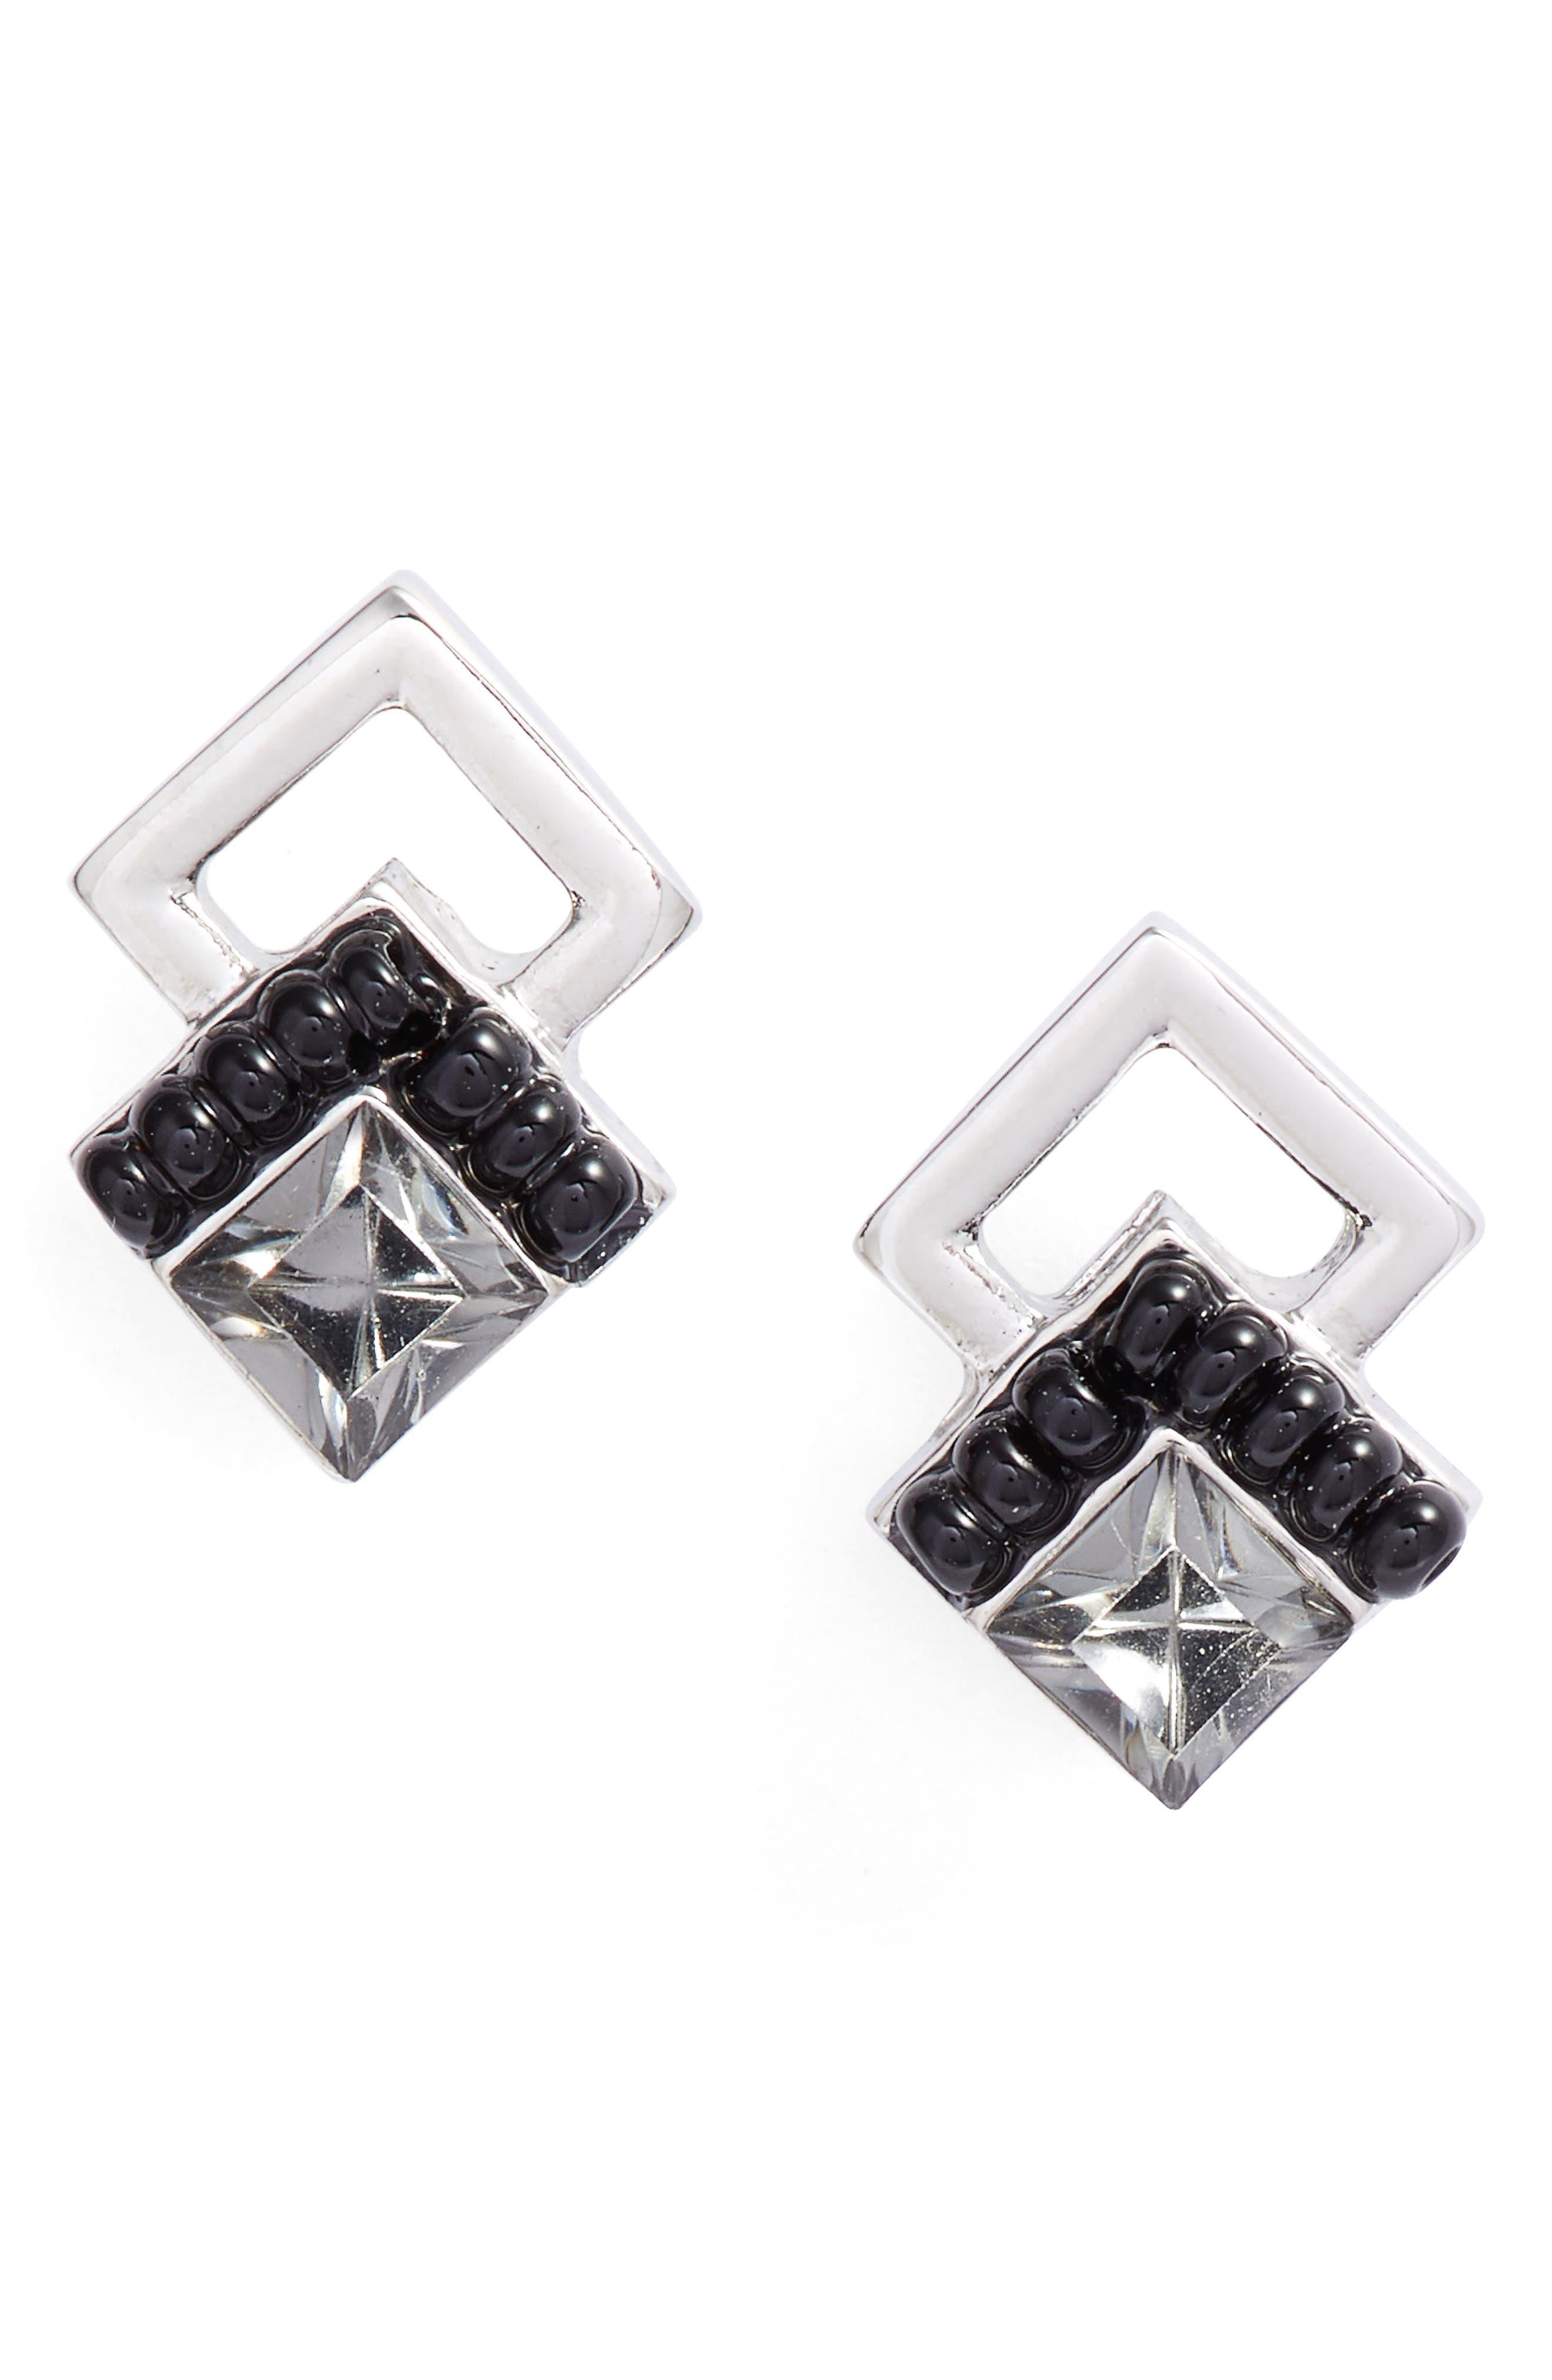 Chevron Stud Earrings,                             Main thumbnail 1, color,                             400